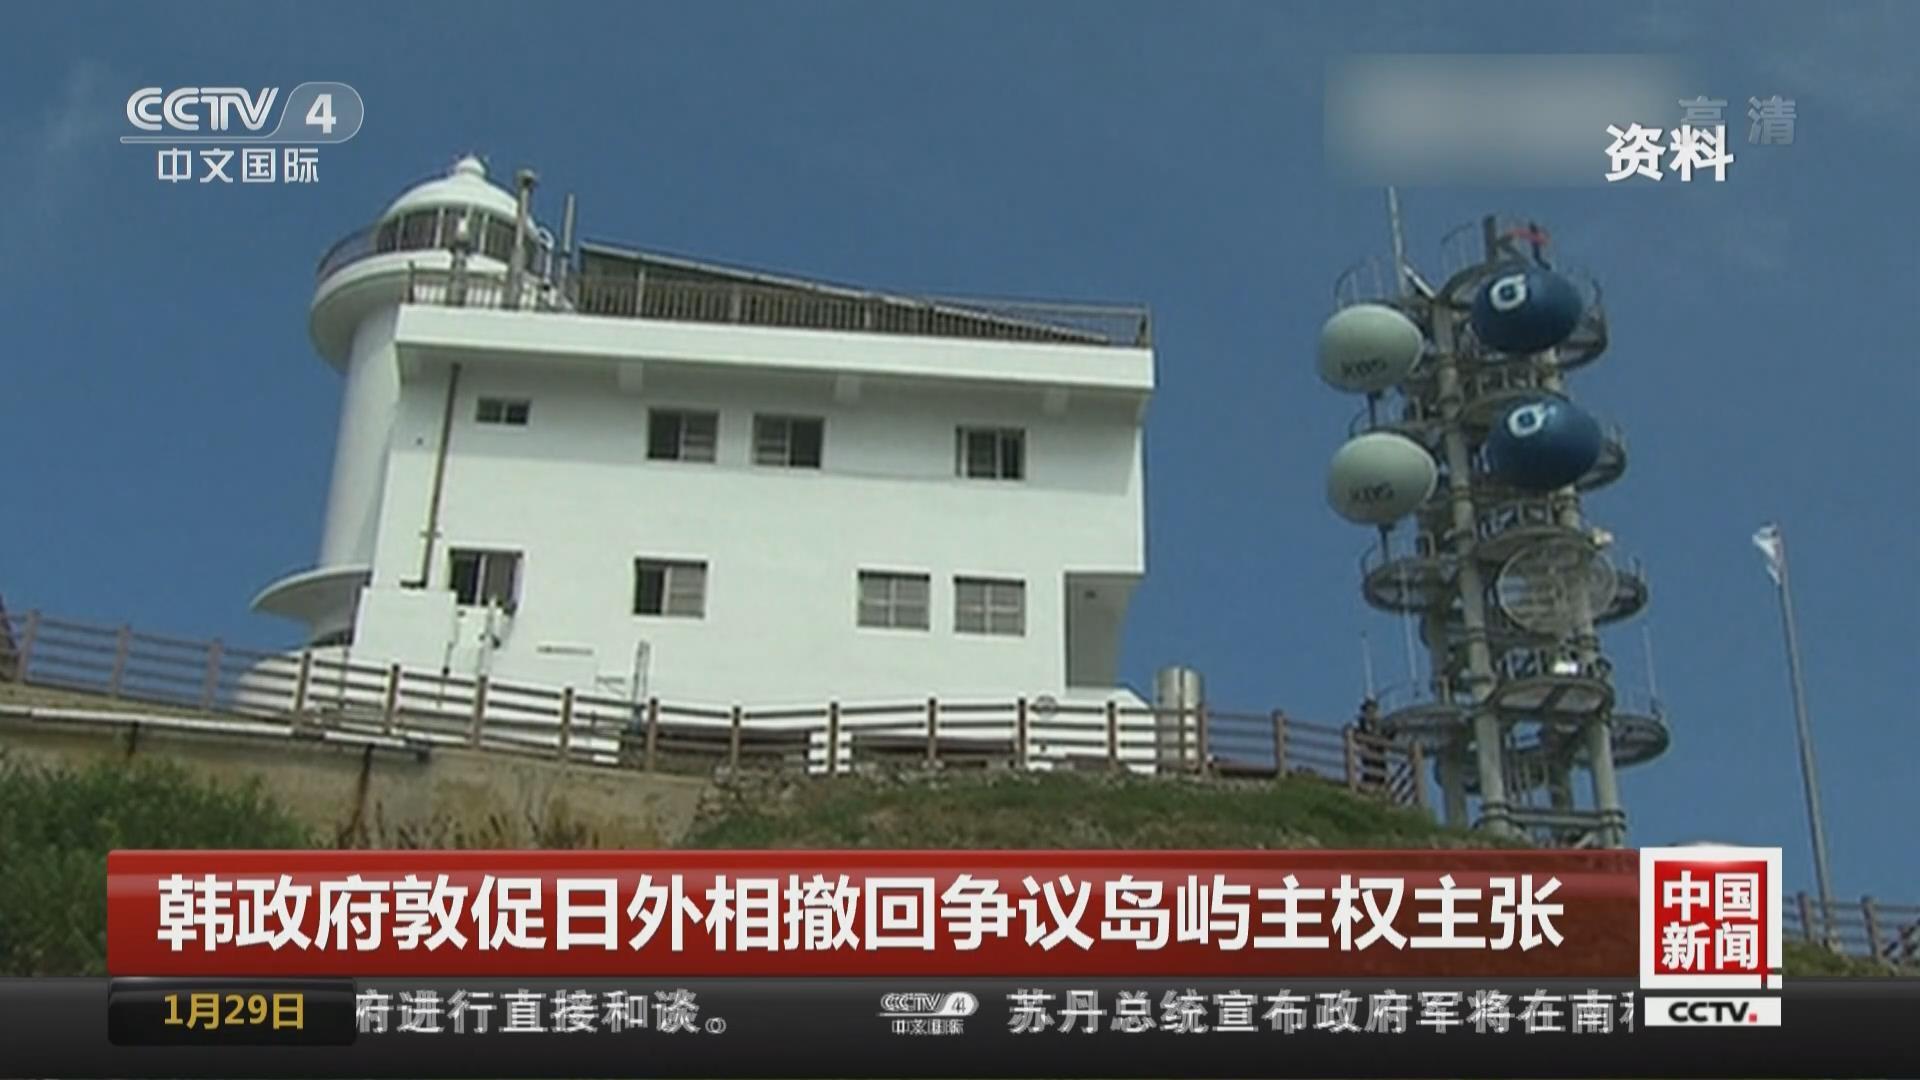 韓政府敦促日外相撤回爭議島嶼主權主張